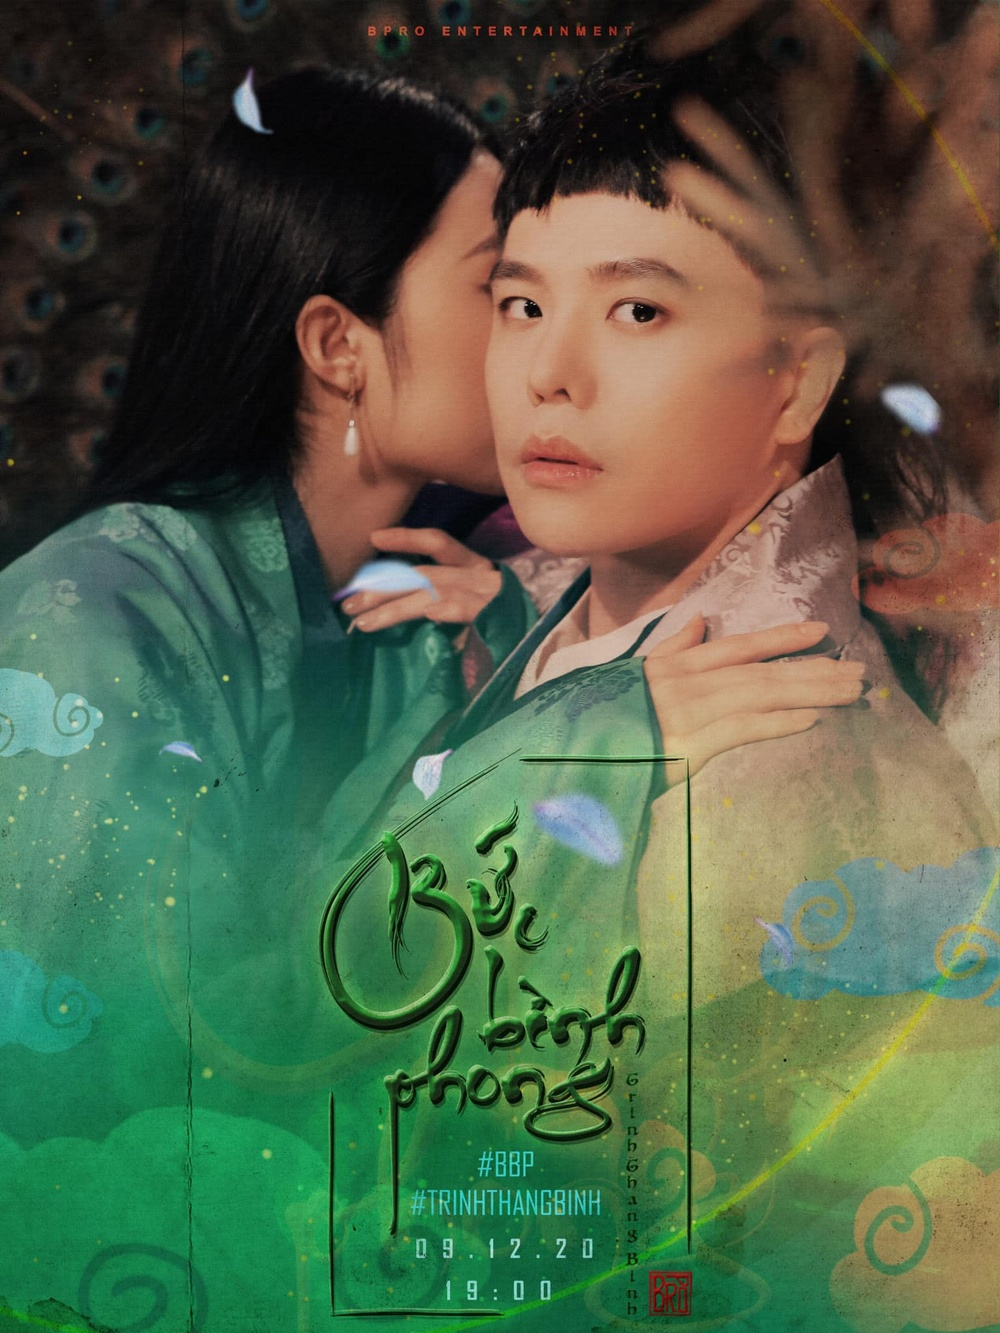 Trịnh Thăng Bình dời lịch ra MV, thương xót trước sự ra đi đột ngột của nghệ sĩ Chí Tài Ảnh 2